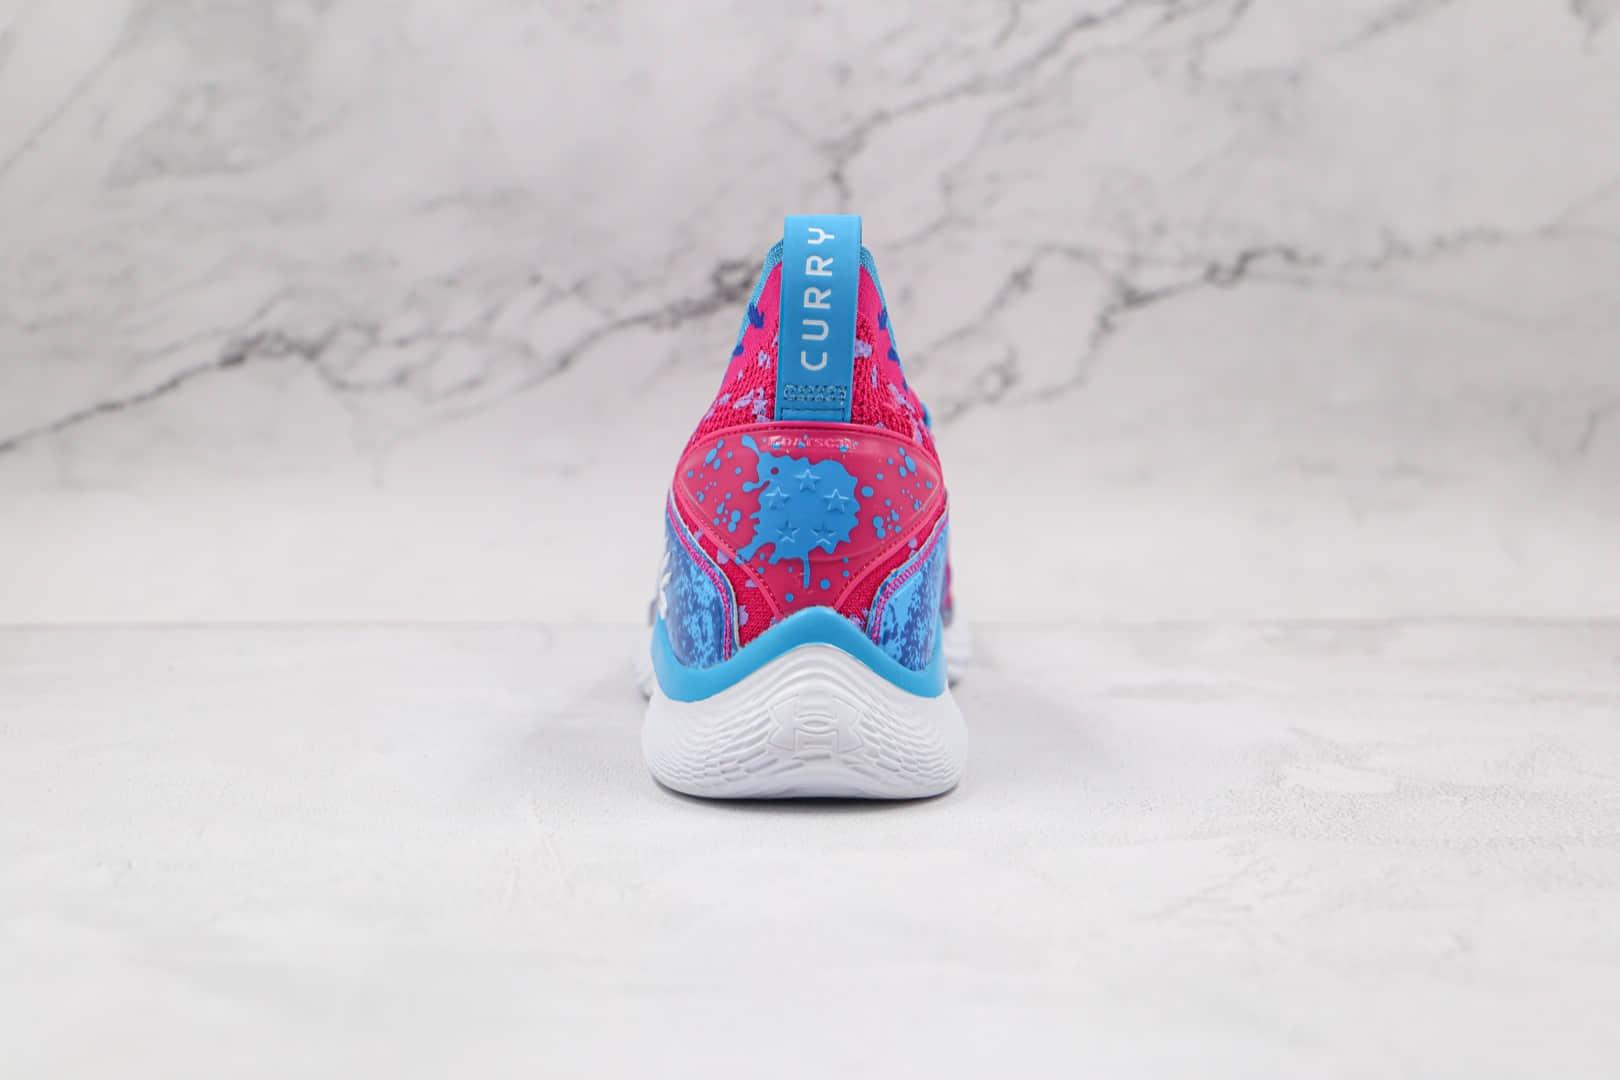 安德玛UNDER ARMOUR CURRY 8纯原版本库里8代粉红蓝色篮球鞋原档案数据开发 货号:3024694-603